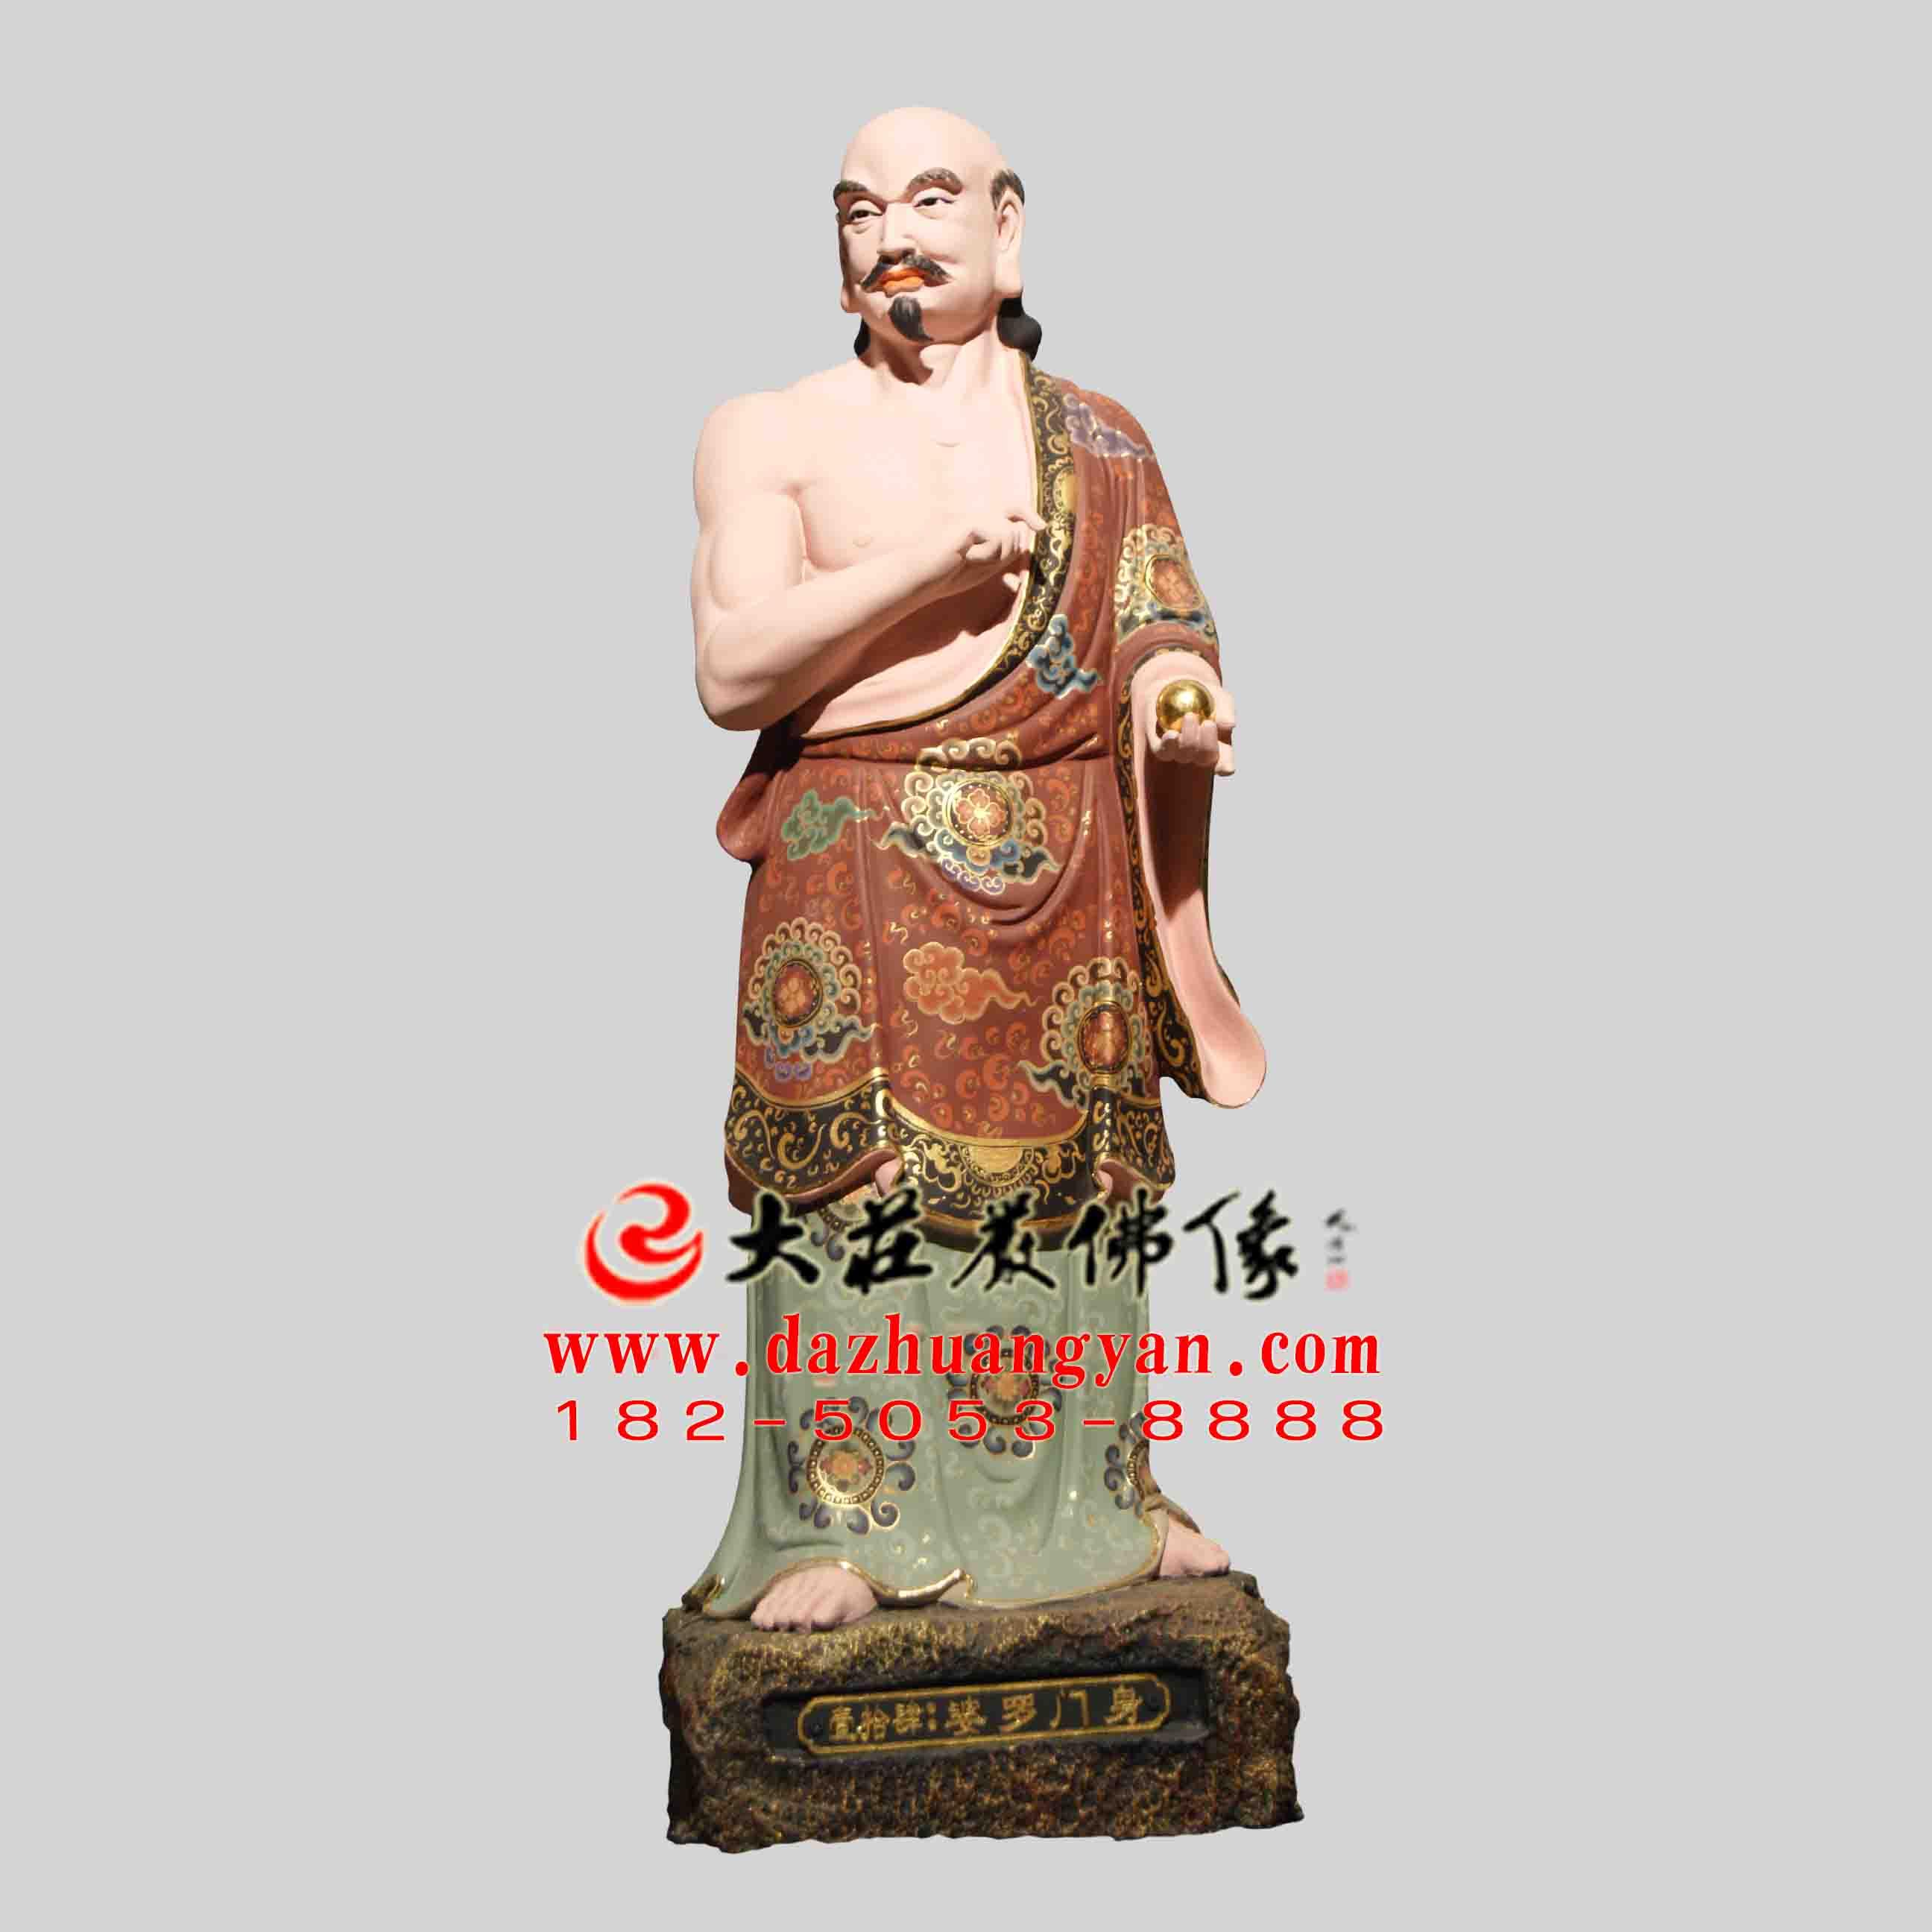 生漆脱胎观音三十二应身之婆罗门应身彩绘塑像